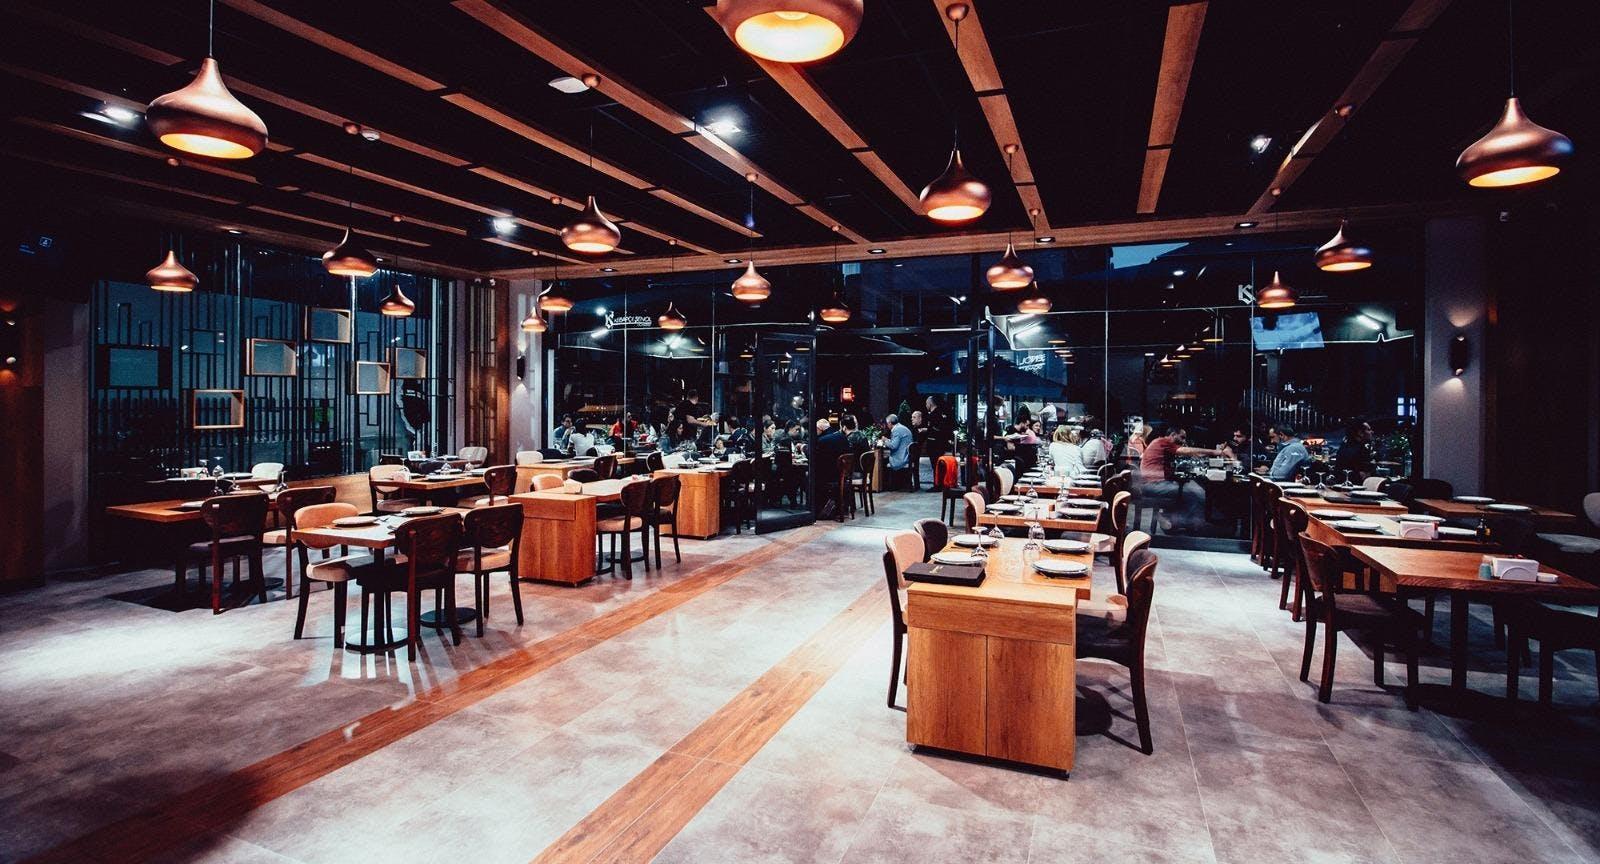 Photo of restaurant Kebapçı Şenol Ocakbaşı in Kadıköy, Istanbul